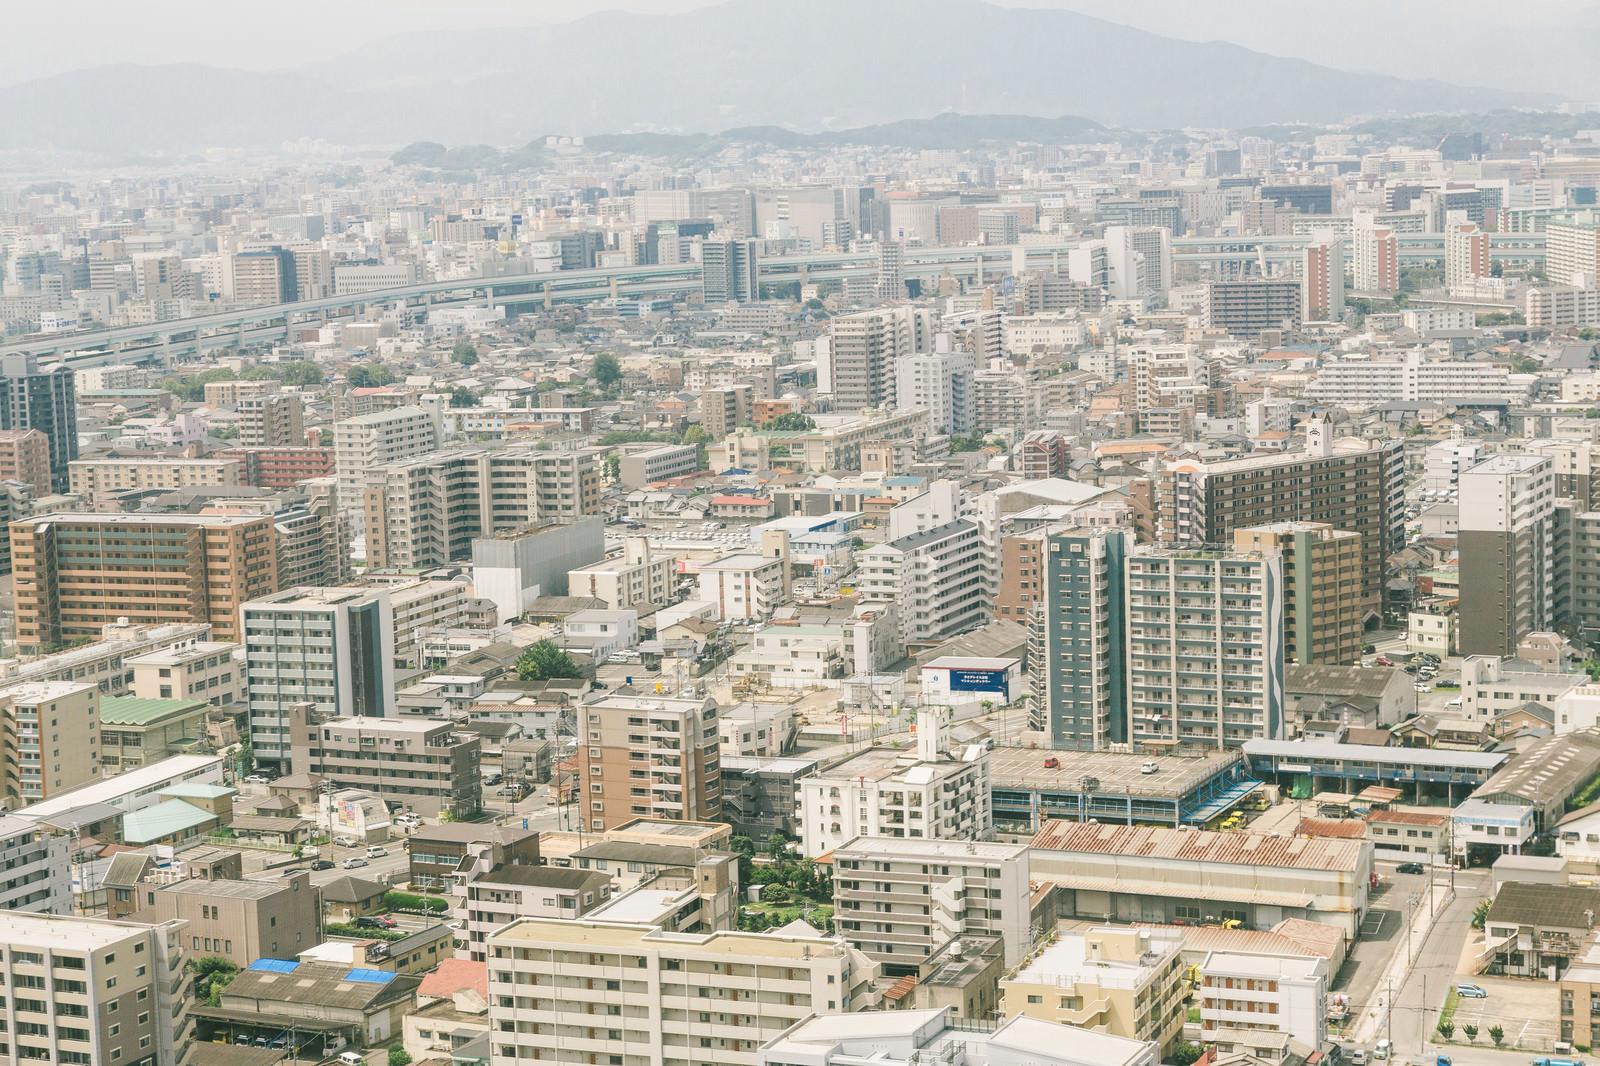 「福岡市内の街並み」の写真